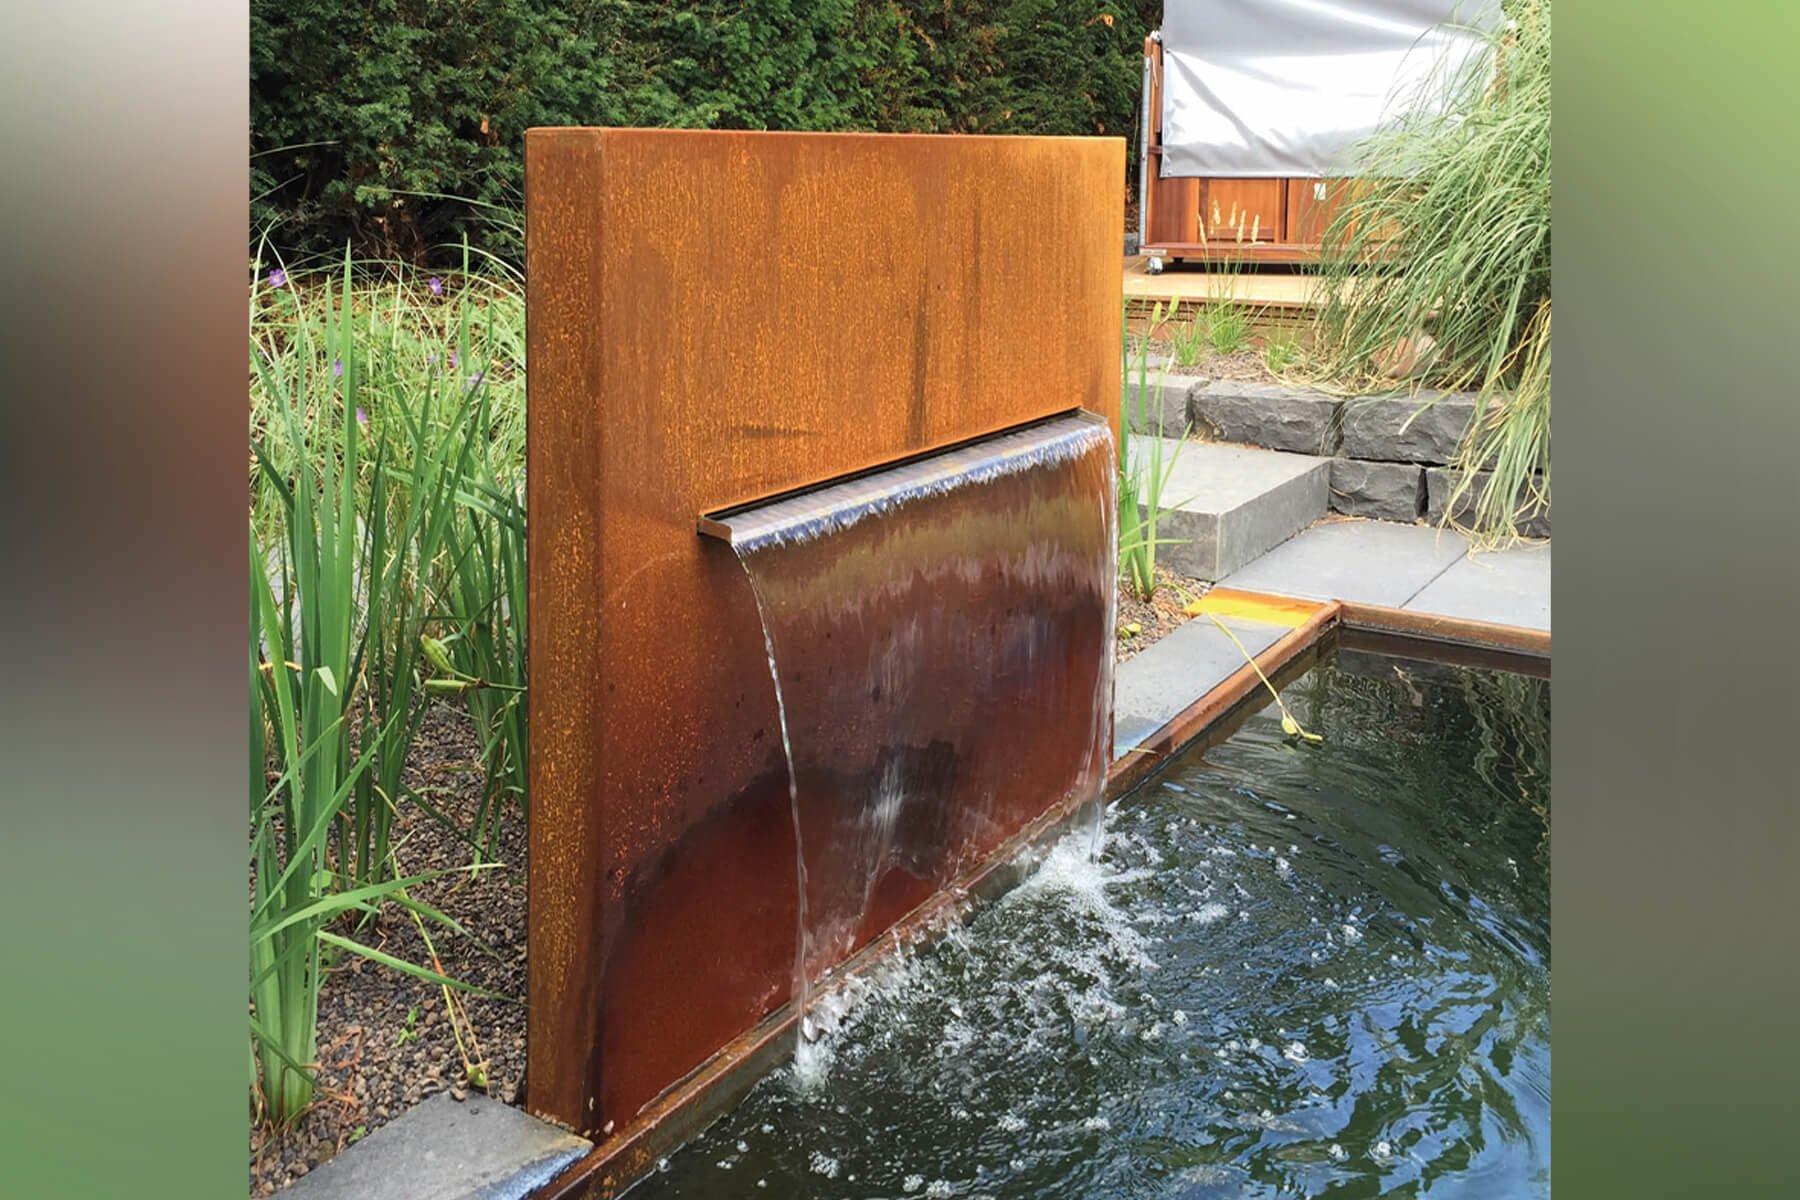 wasserbrunnen-aus-cortenstahl-ideal-als-wasserspender-fuer-wasserbecken-im-garten